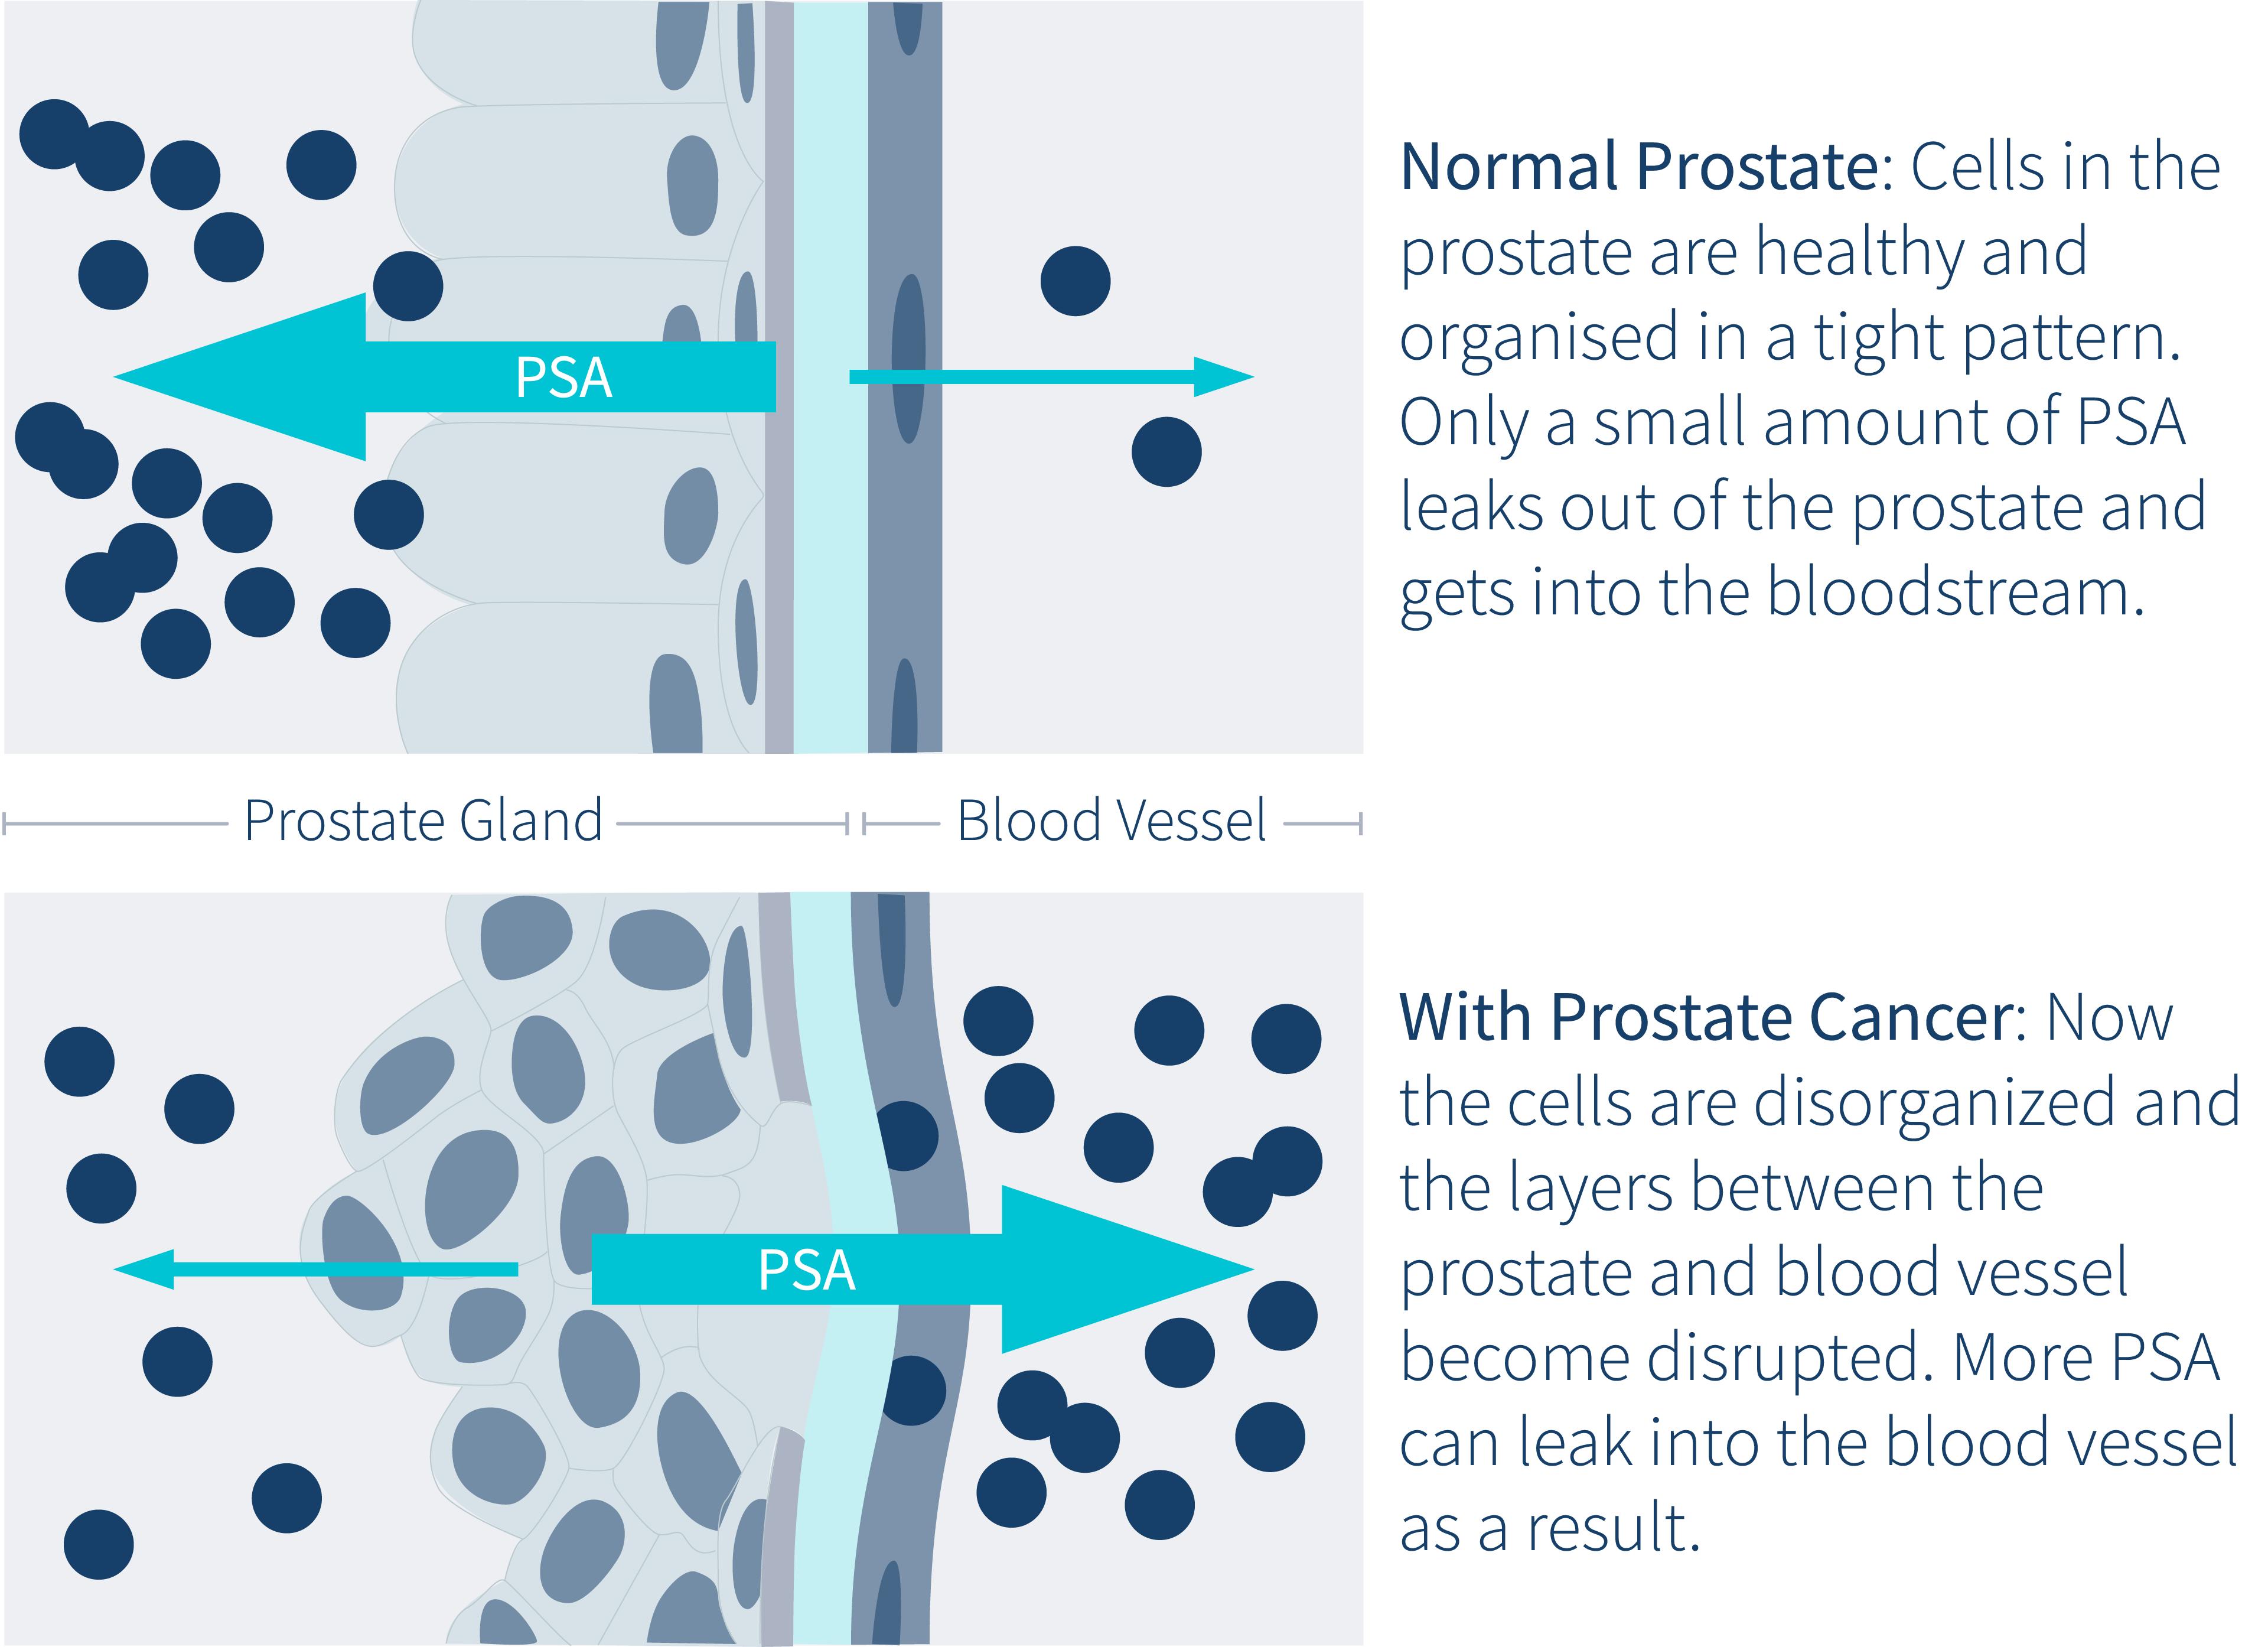 PSA-Prostate